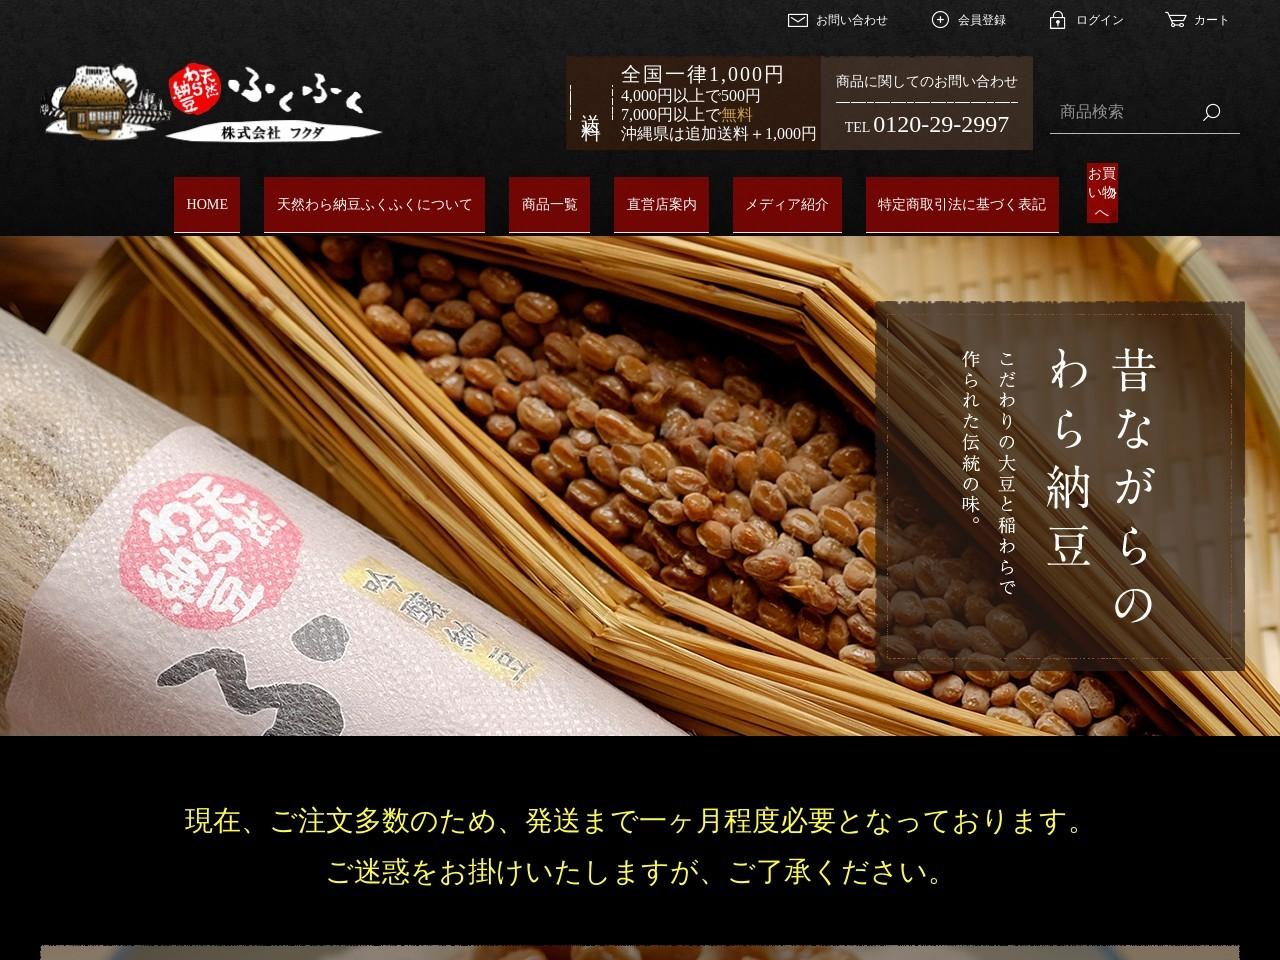 わら納豆のふくふく納豆 公式サイト (株)フクダ